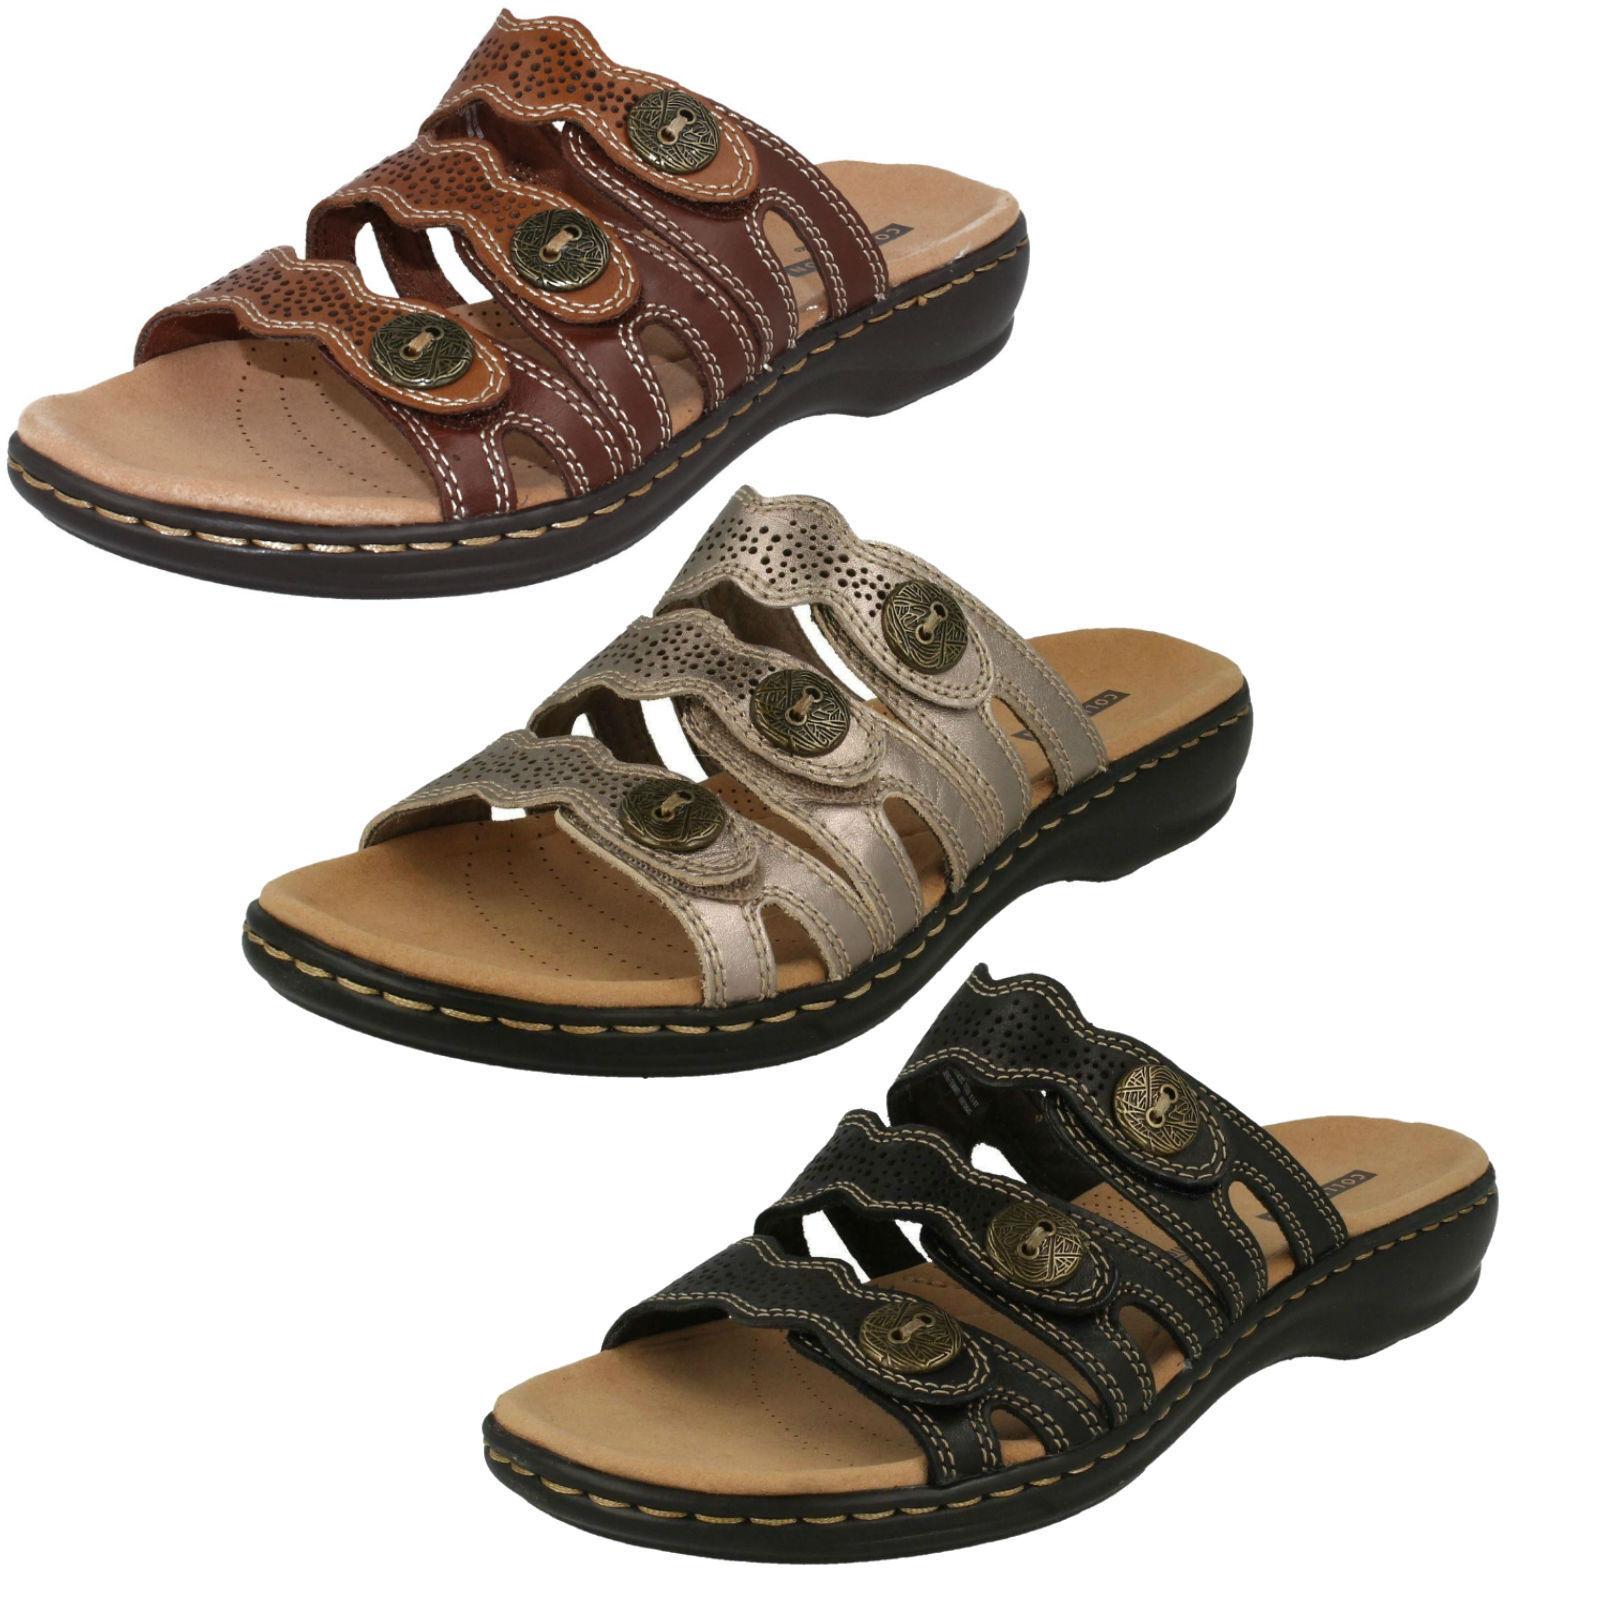 Clarks Mujer Punta Abierta mocasín piel Informal Zapatos De Las sandalias mulas